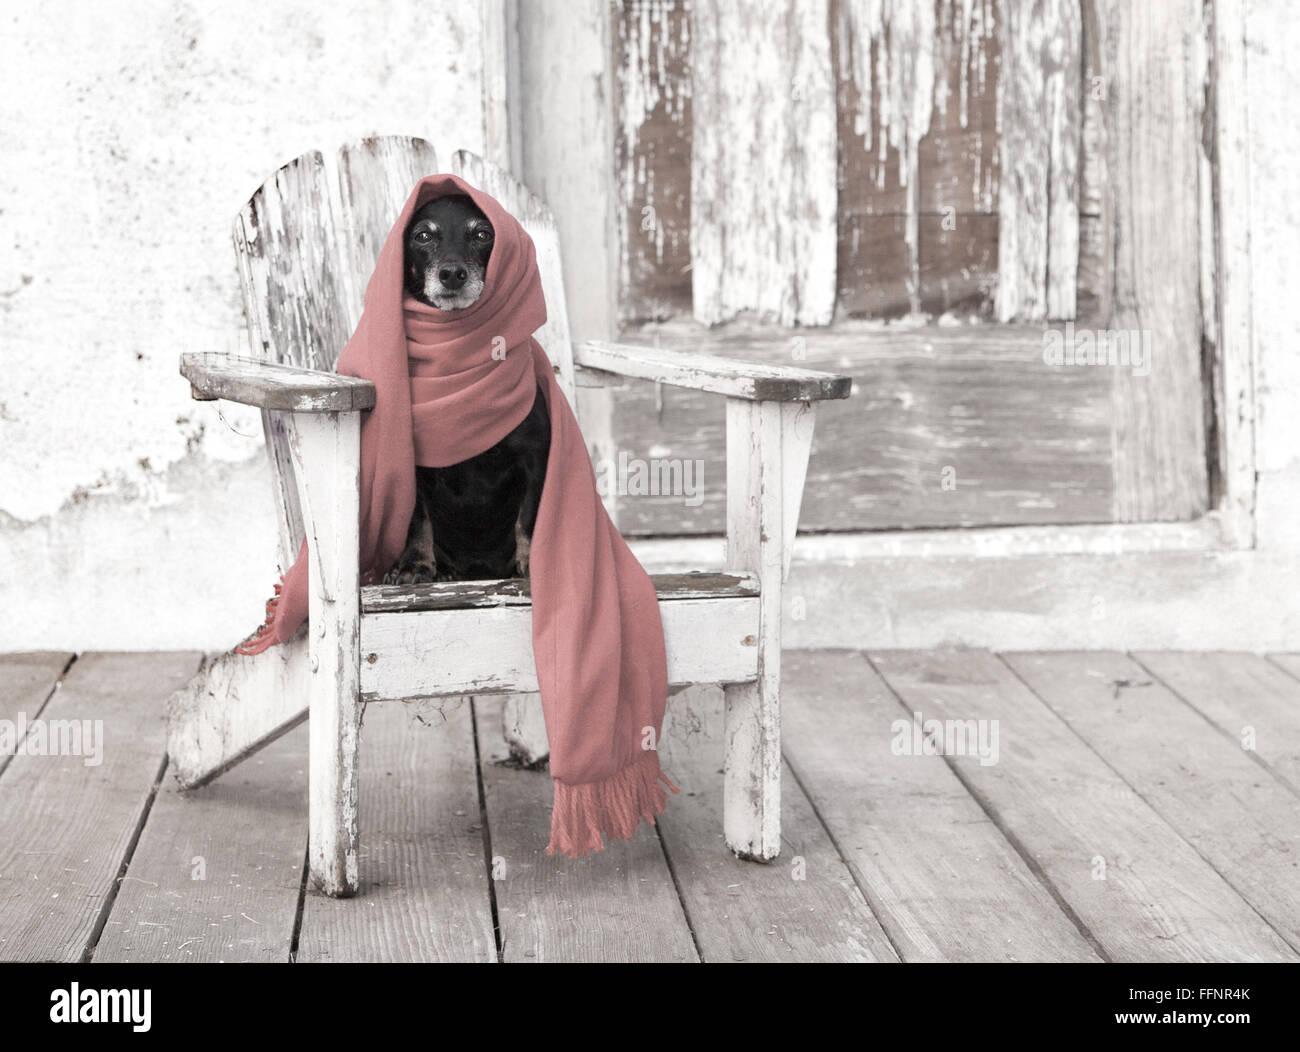 Miniatura pet cane bassotto siede su distressed adirondack chair di un vecchio fienile indossando una lunga stola Immagini Stock